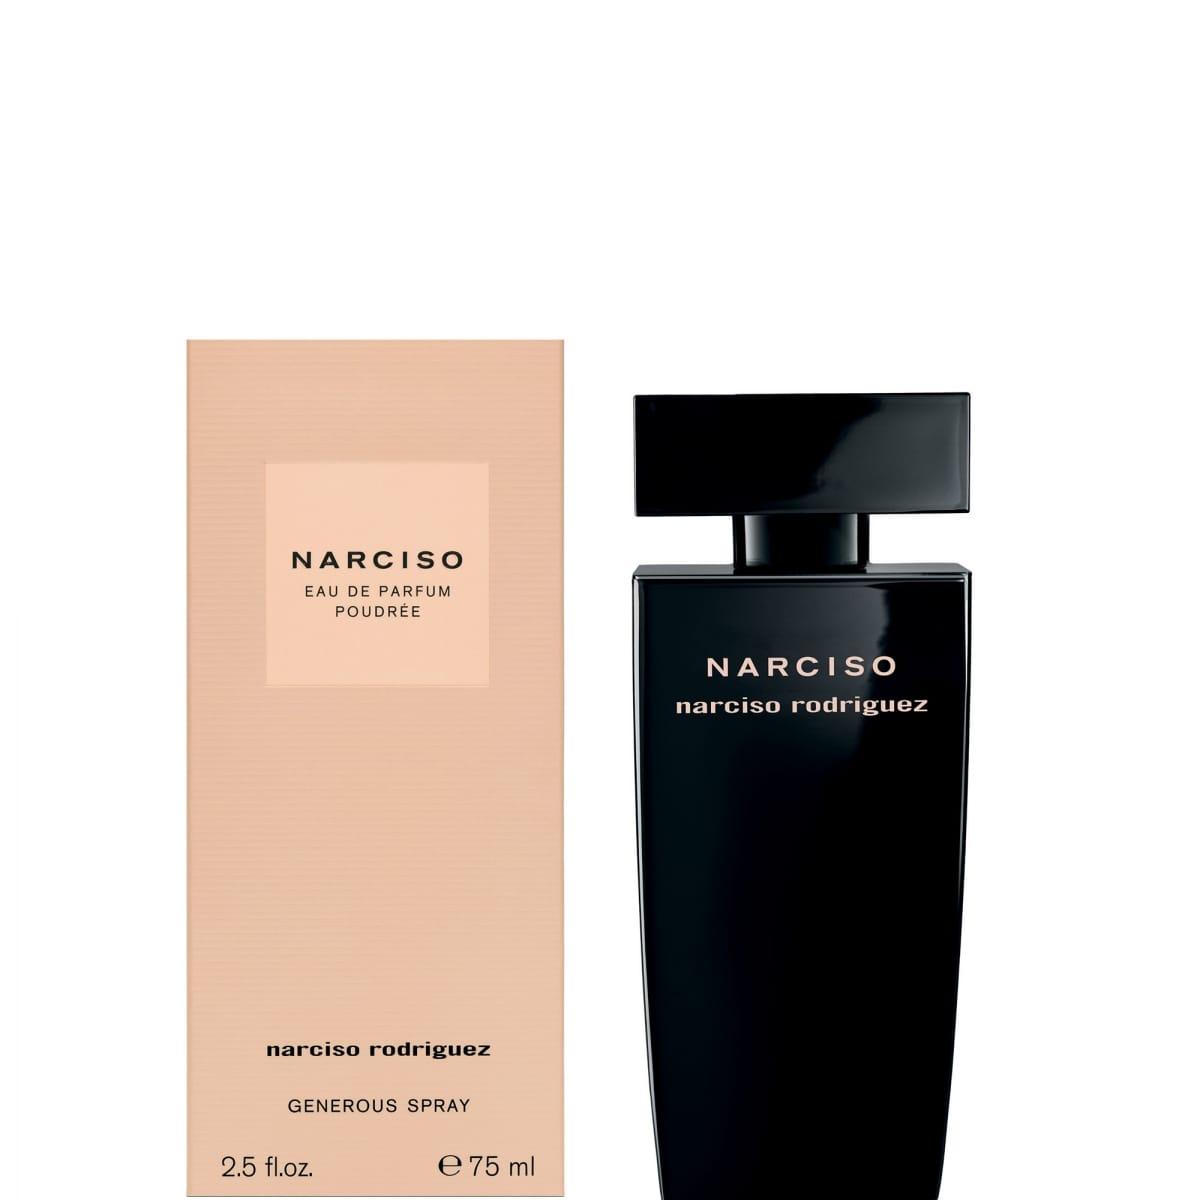 Narciso Eau de Parfum Poudrée Generous Spray